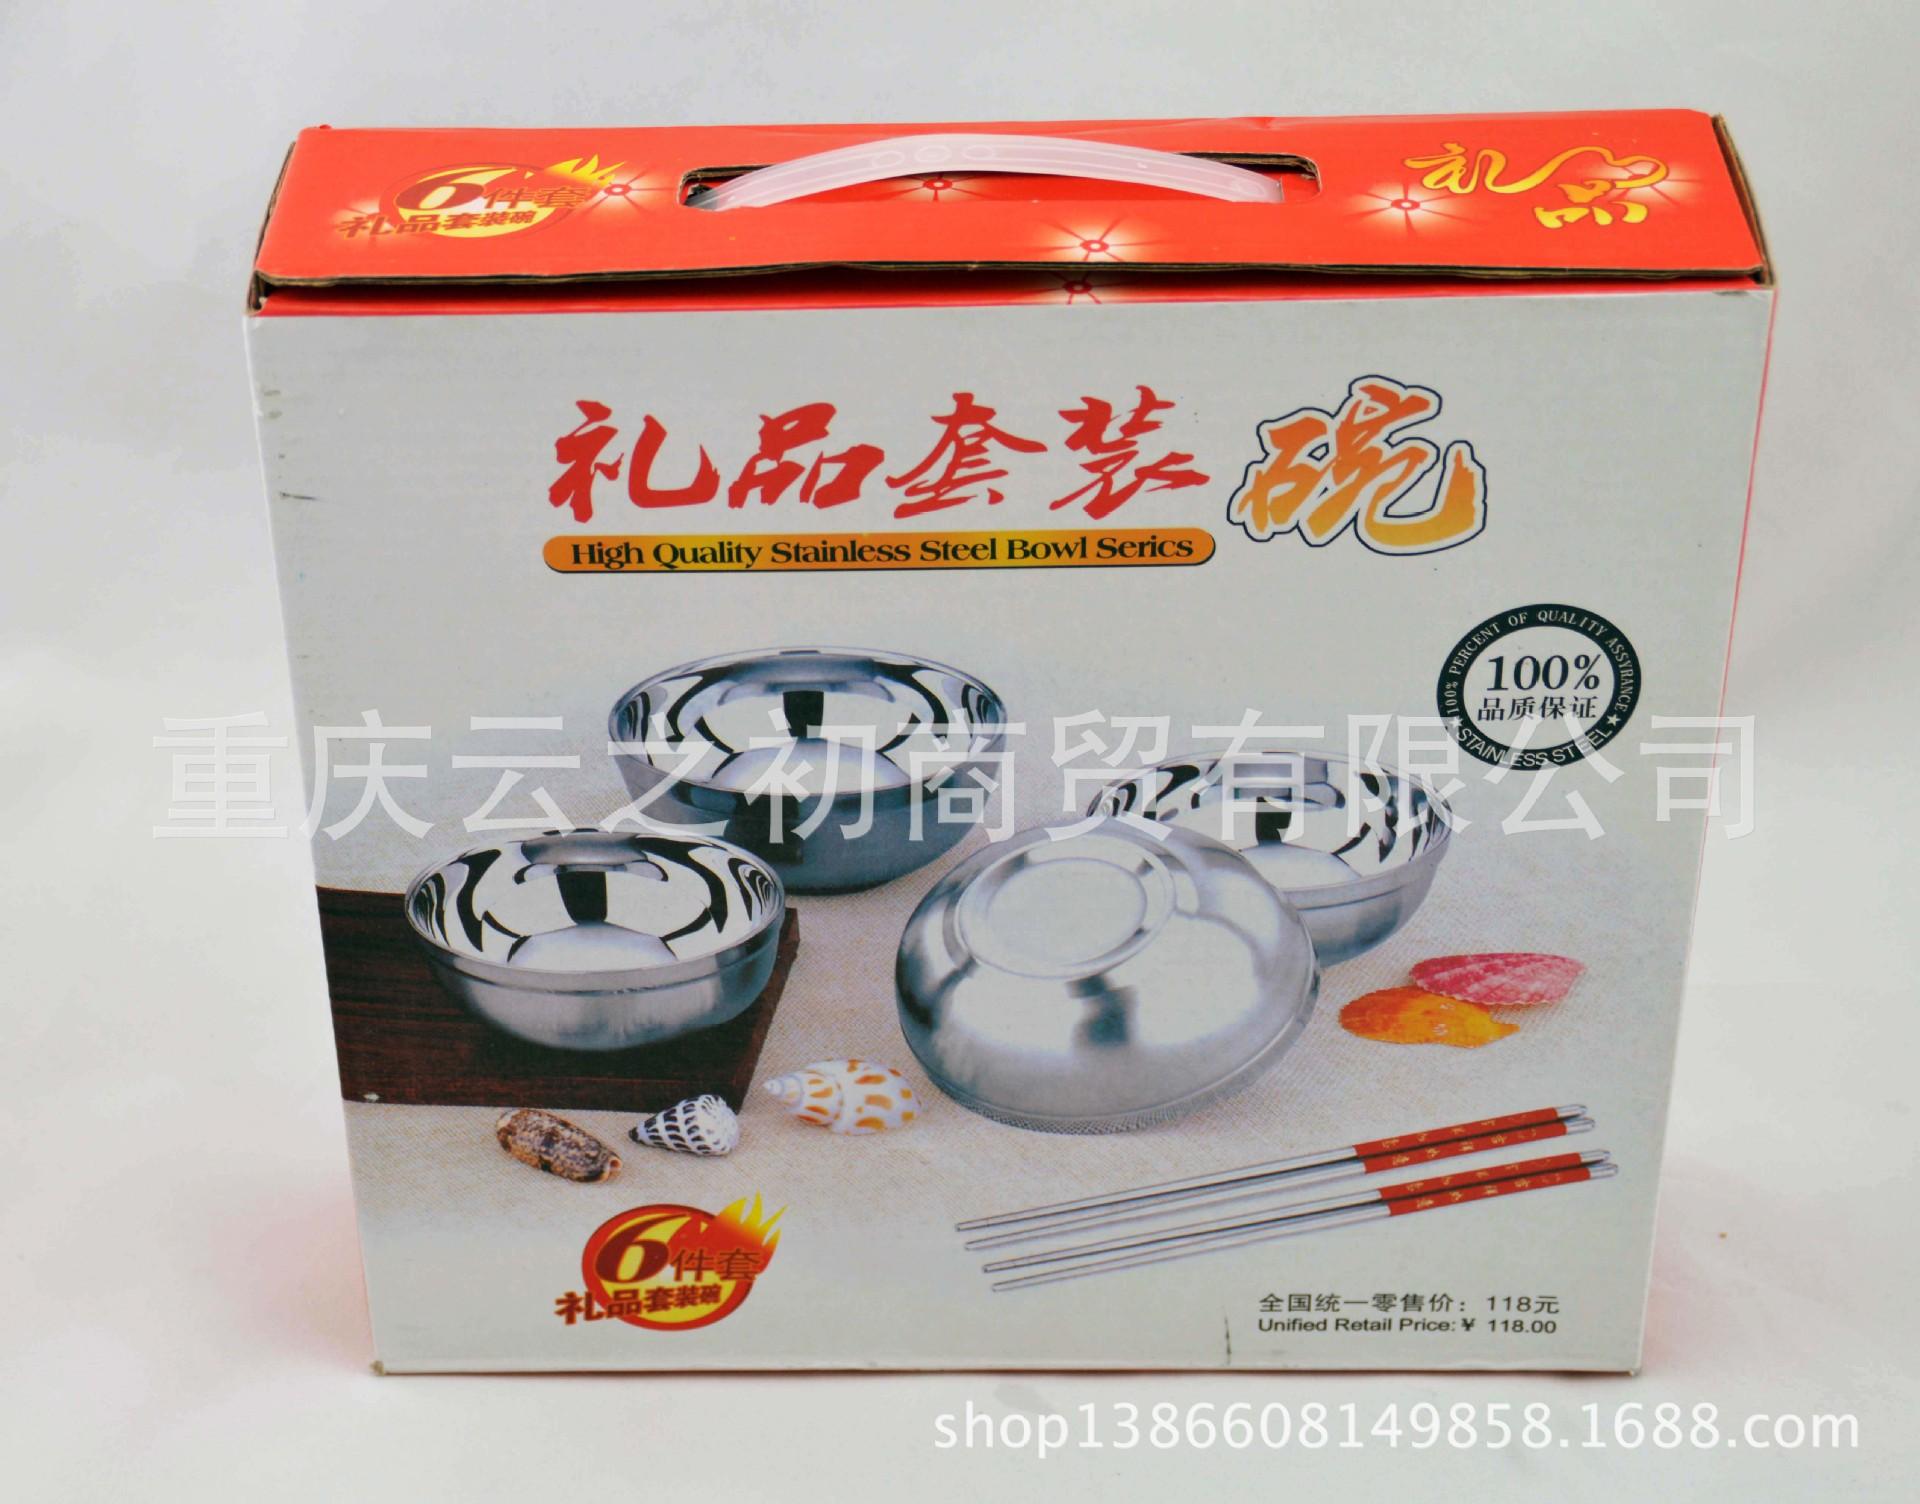 礼品碗 餐具礼品套装碗实用开业促销礼品云之初